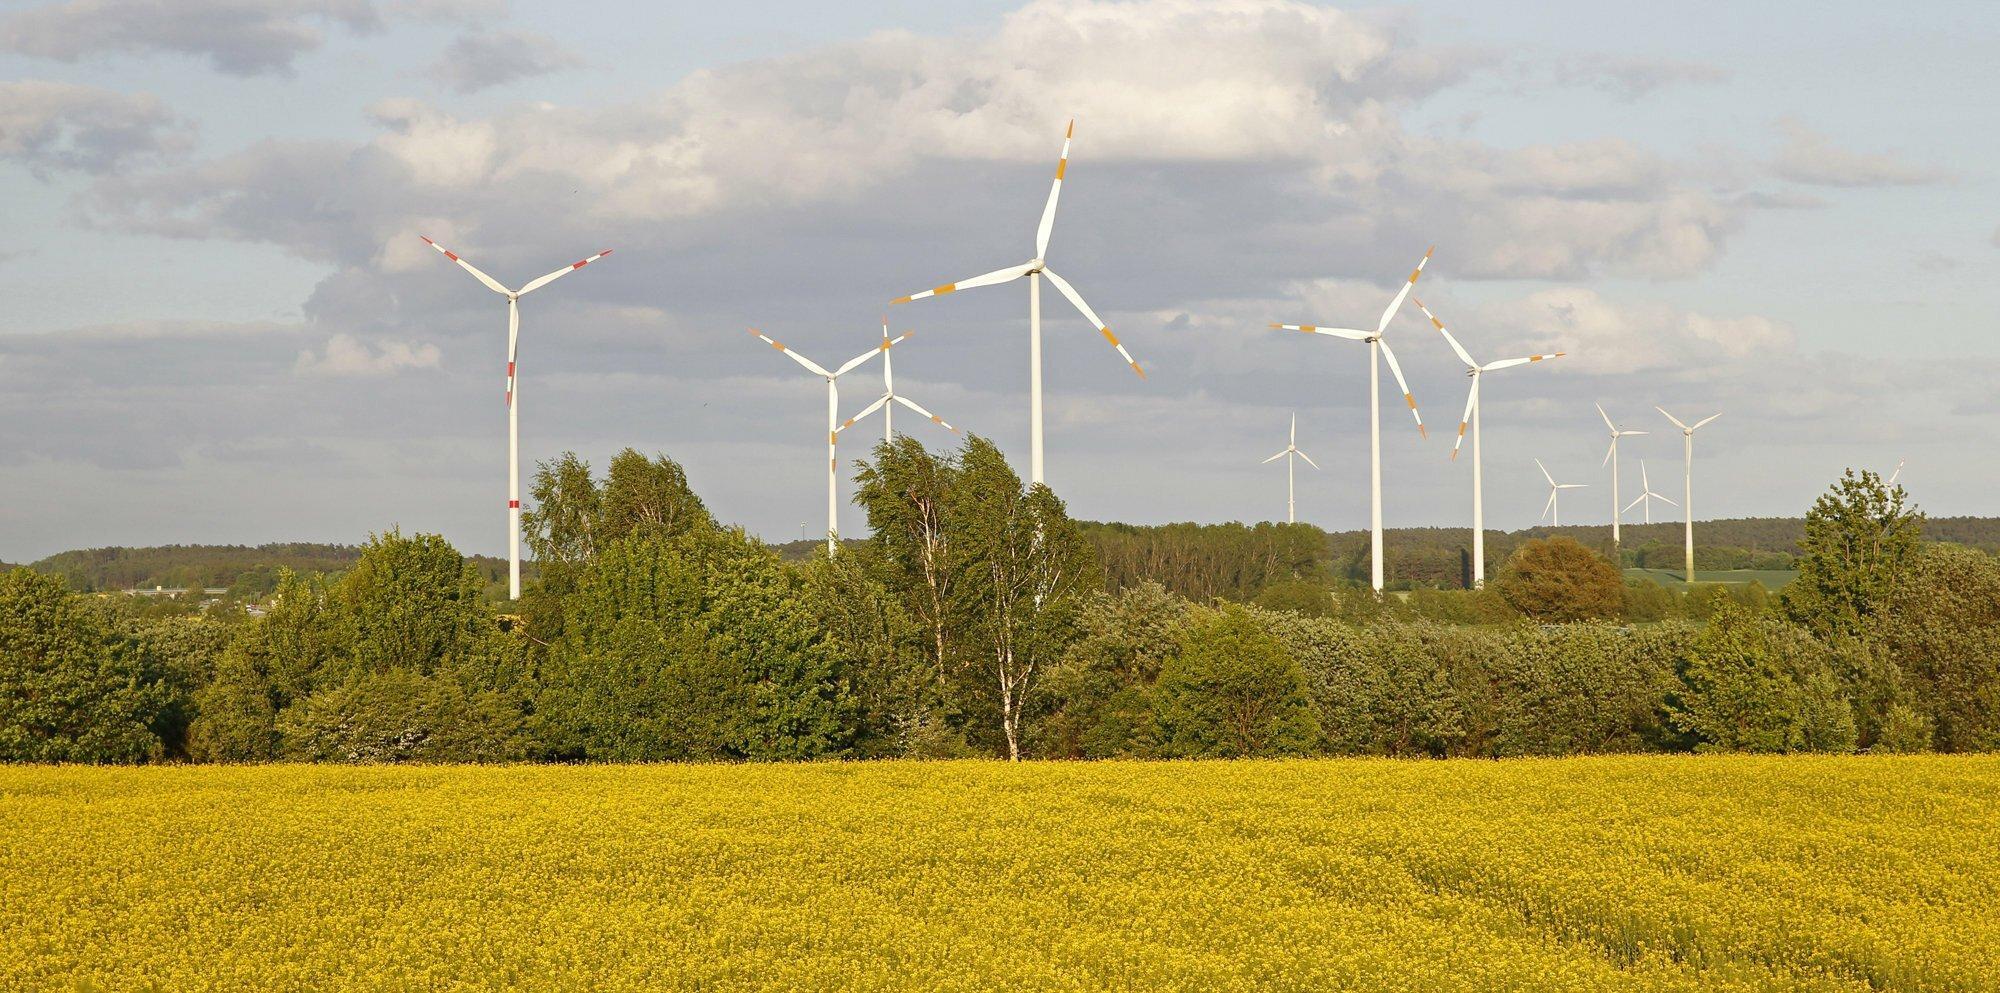 Das Bild zeigt eine brandenburgische Landschaft mit einem blühenden Rapsfeld und Windkraftanlagen.